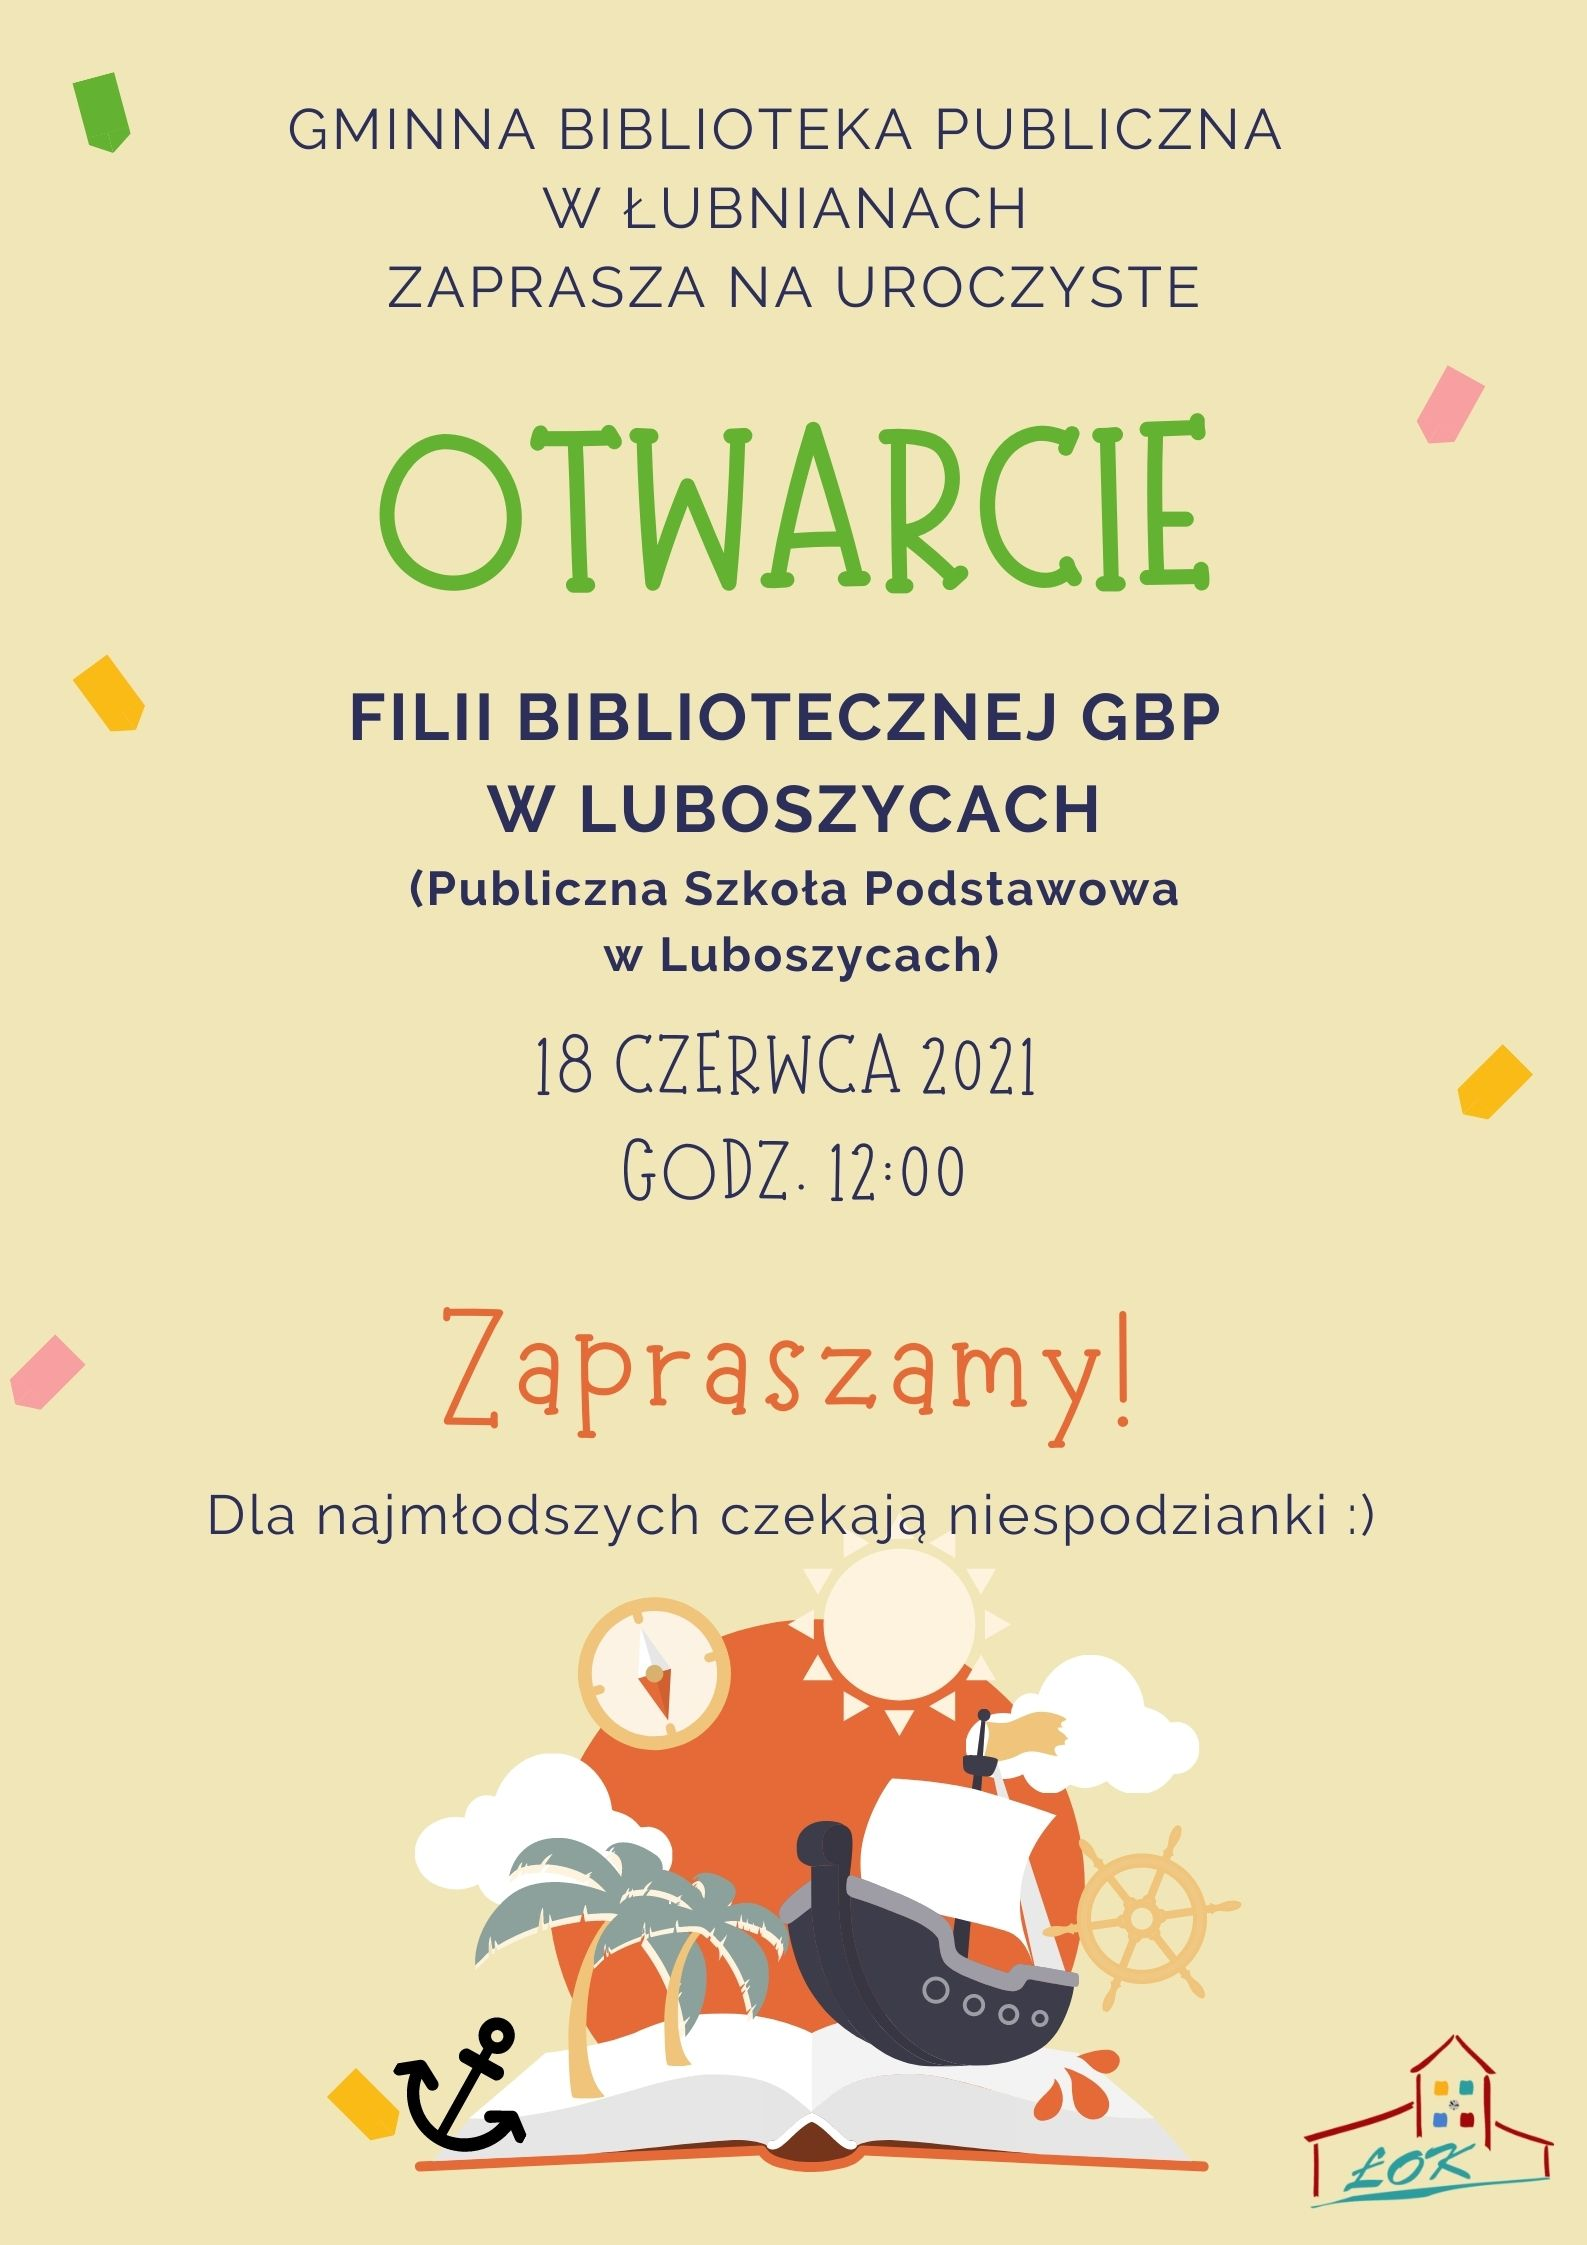 plakat na otwarcie biblioteki